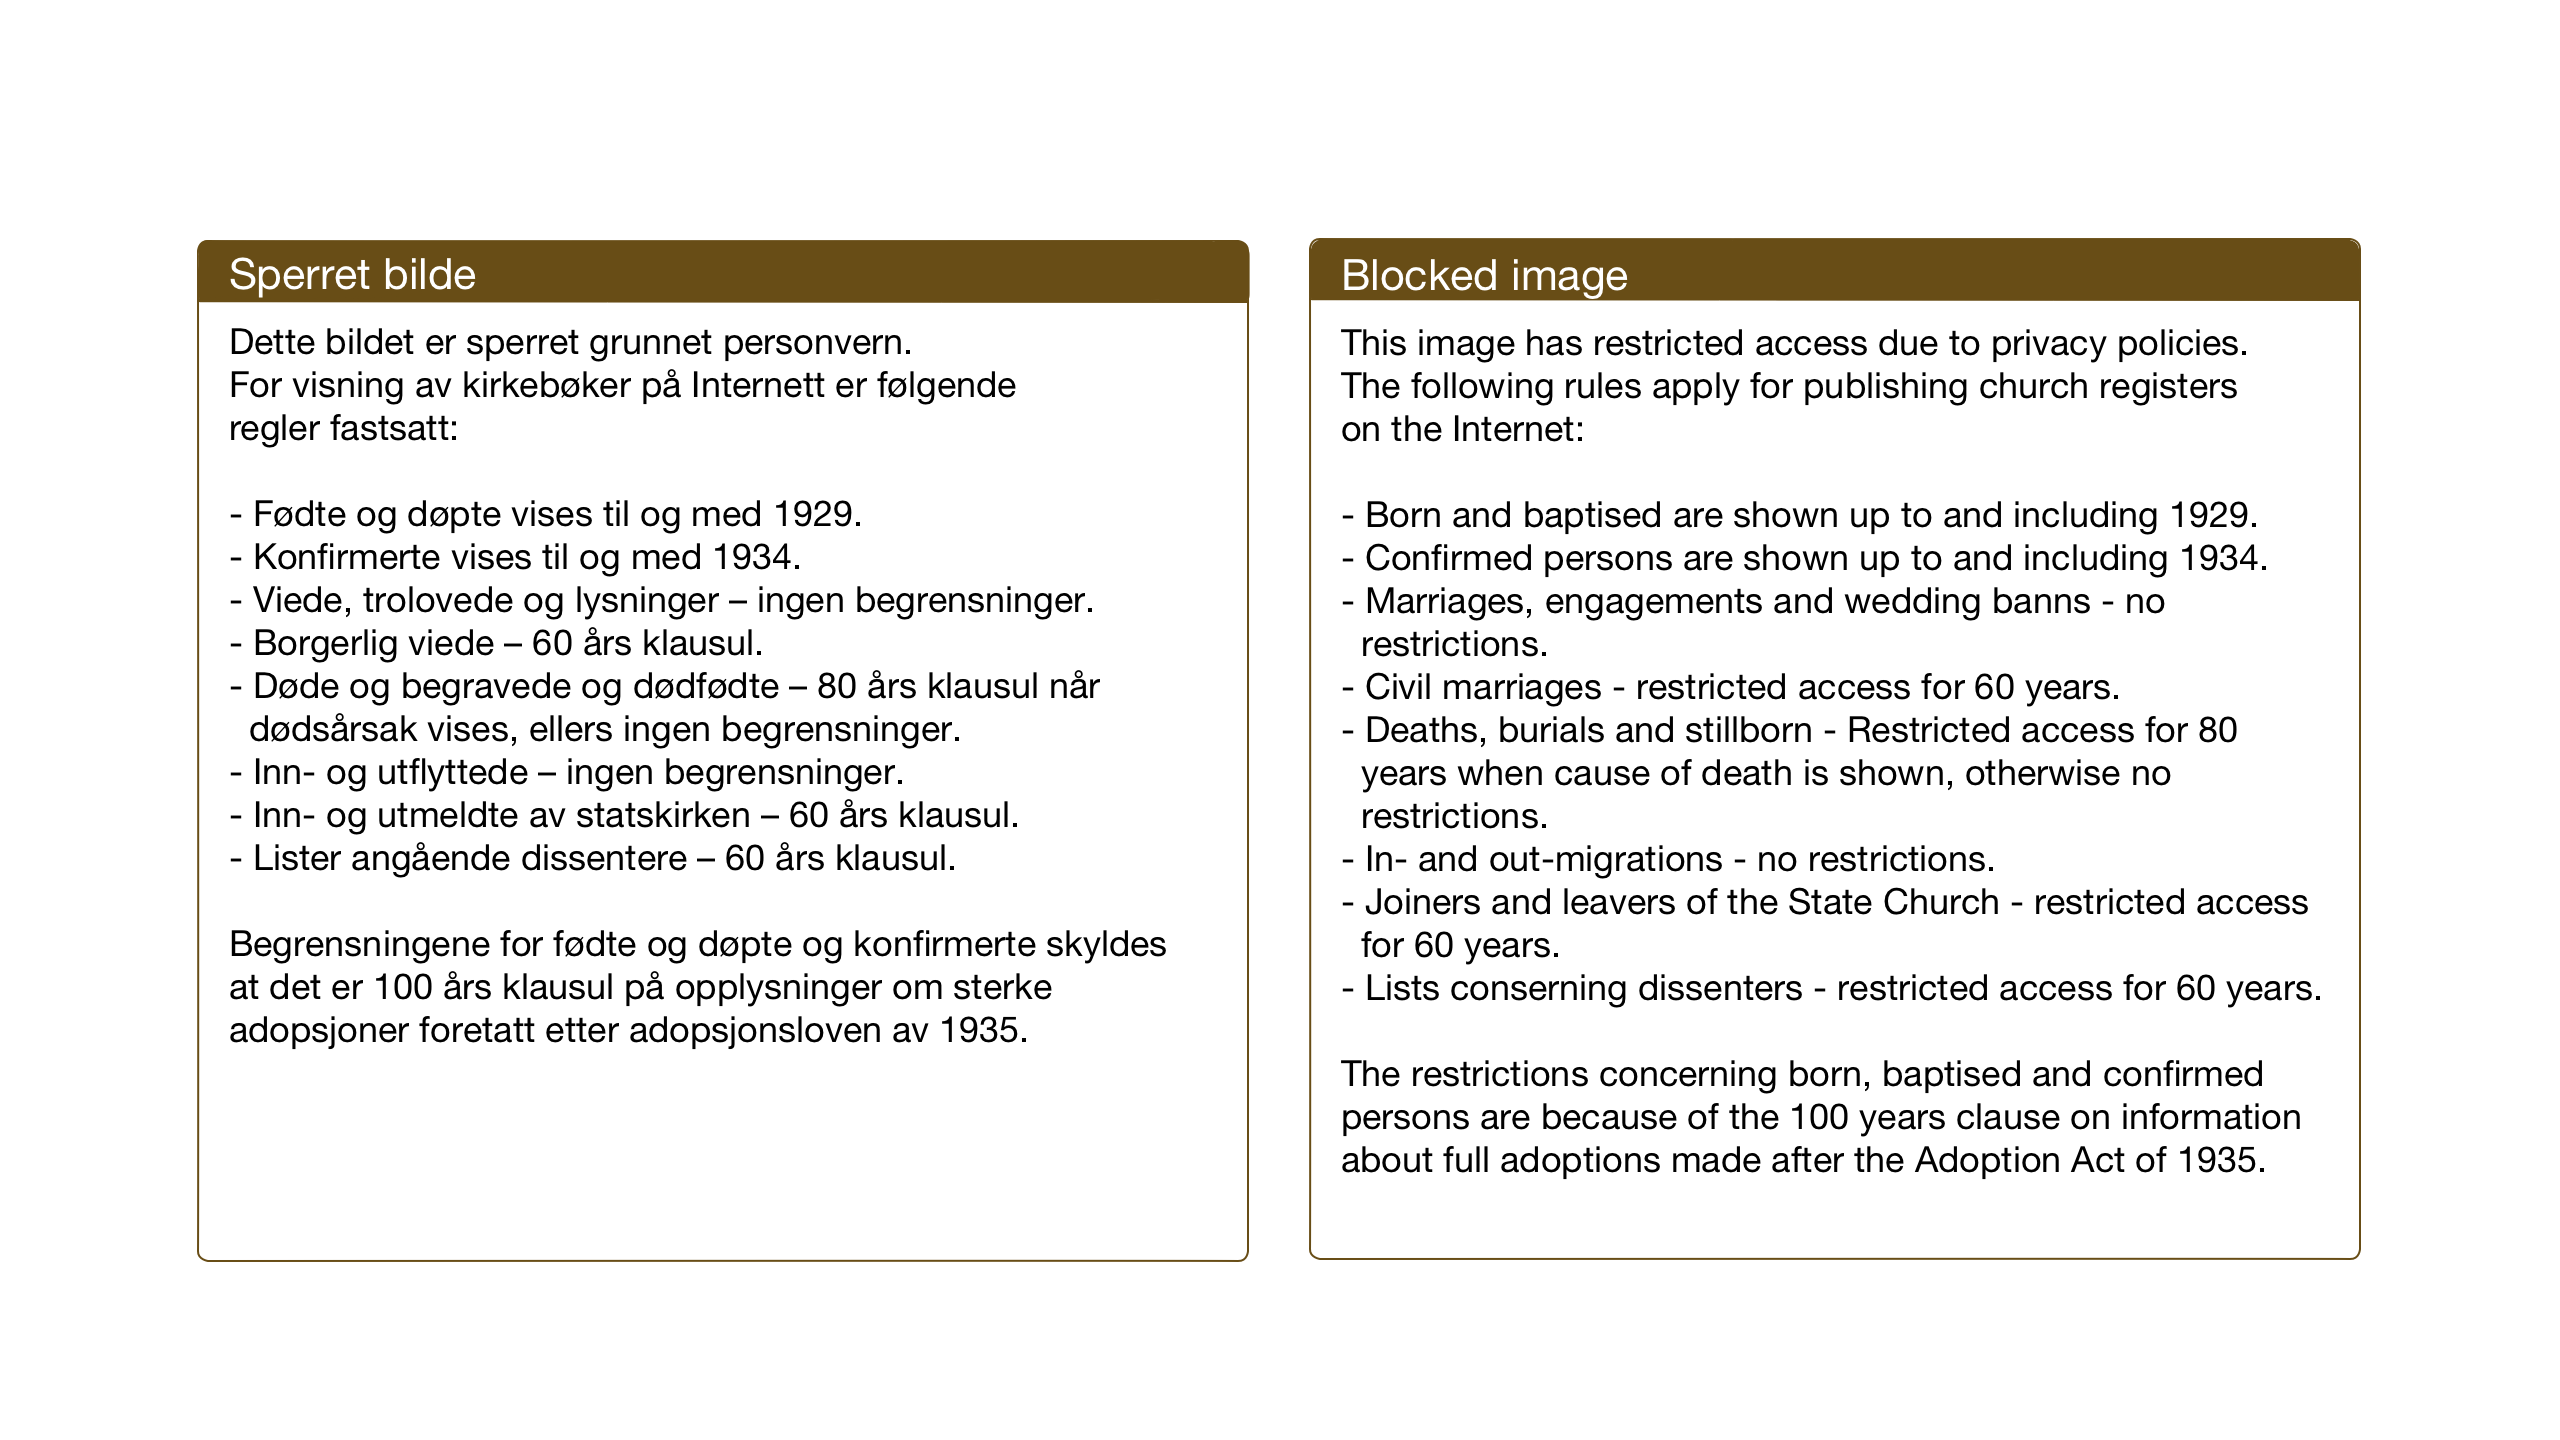 SAT, Ministerialprotokoller, klokkerbøker og fødselsregistre - Nord-Trøndelag, 773/L0625: Klokkerbok nr. 773C01, 1910-1952, s. 249